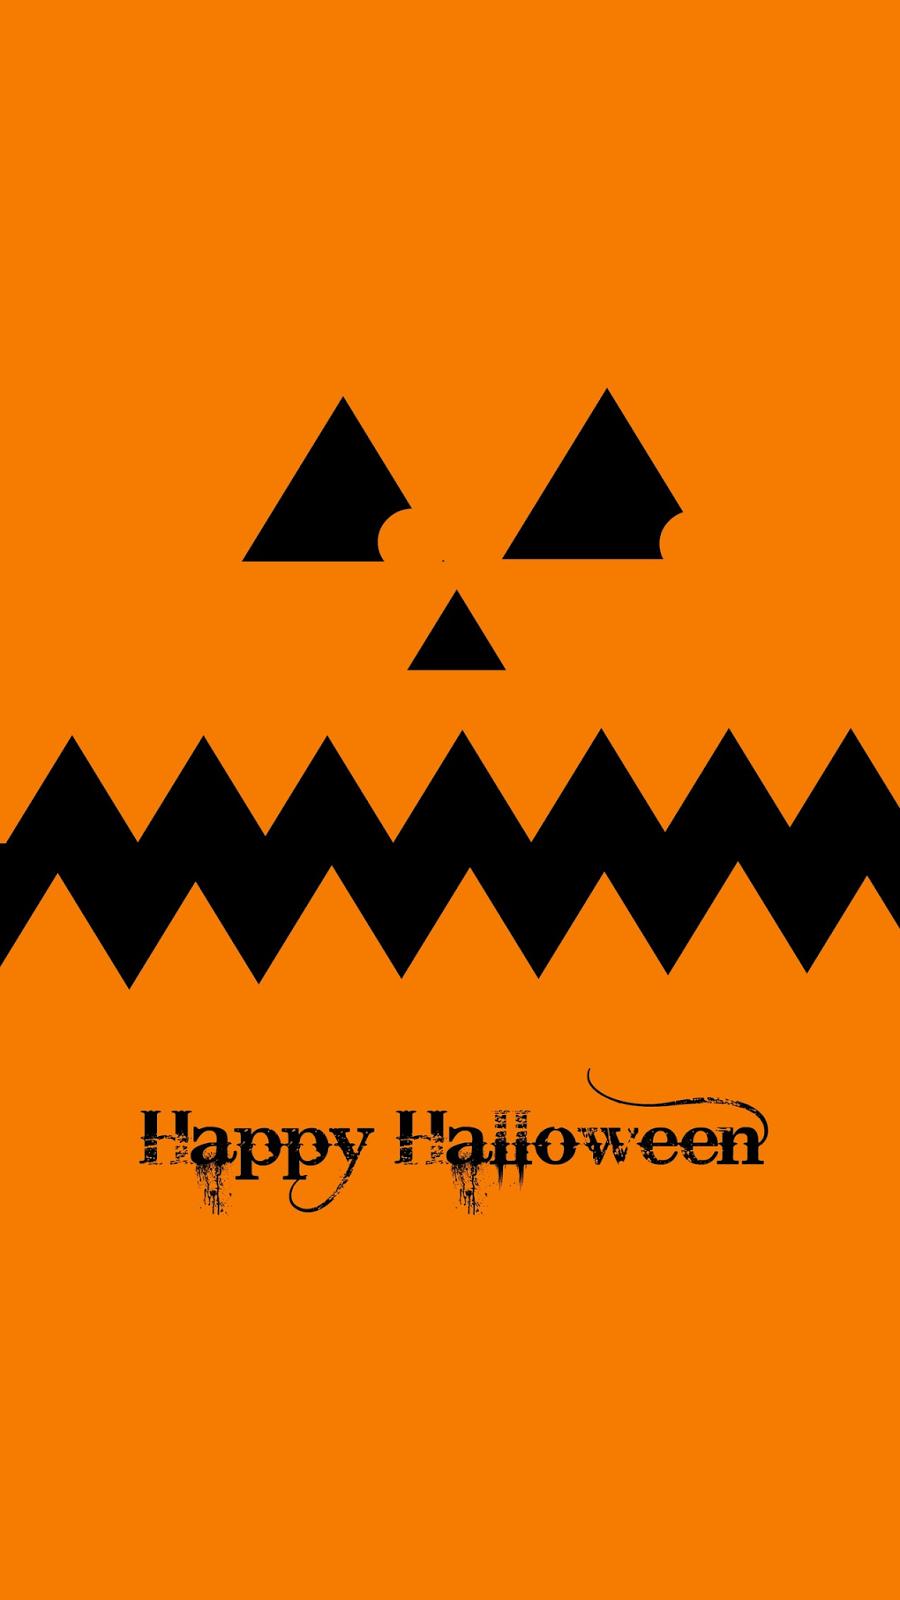 Top Wallpaper Halloween Pinterest - 3245ddd3e5843278be4c99d0b1d41237  Trends_545458.png